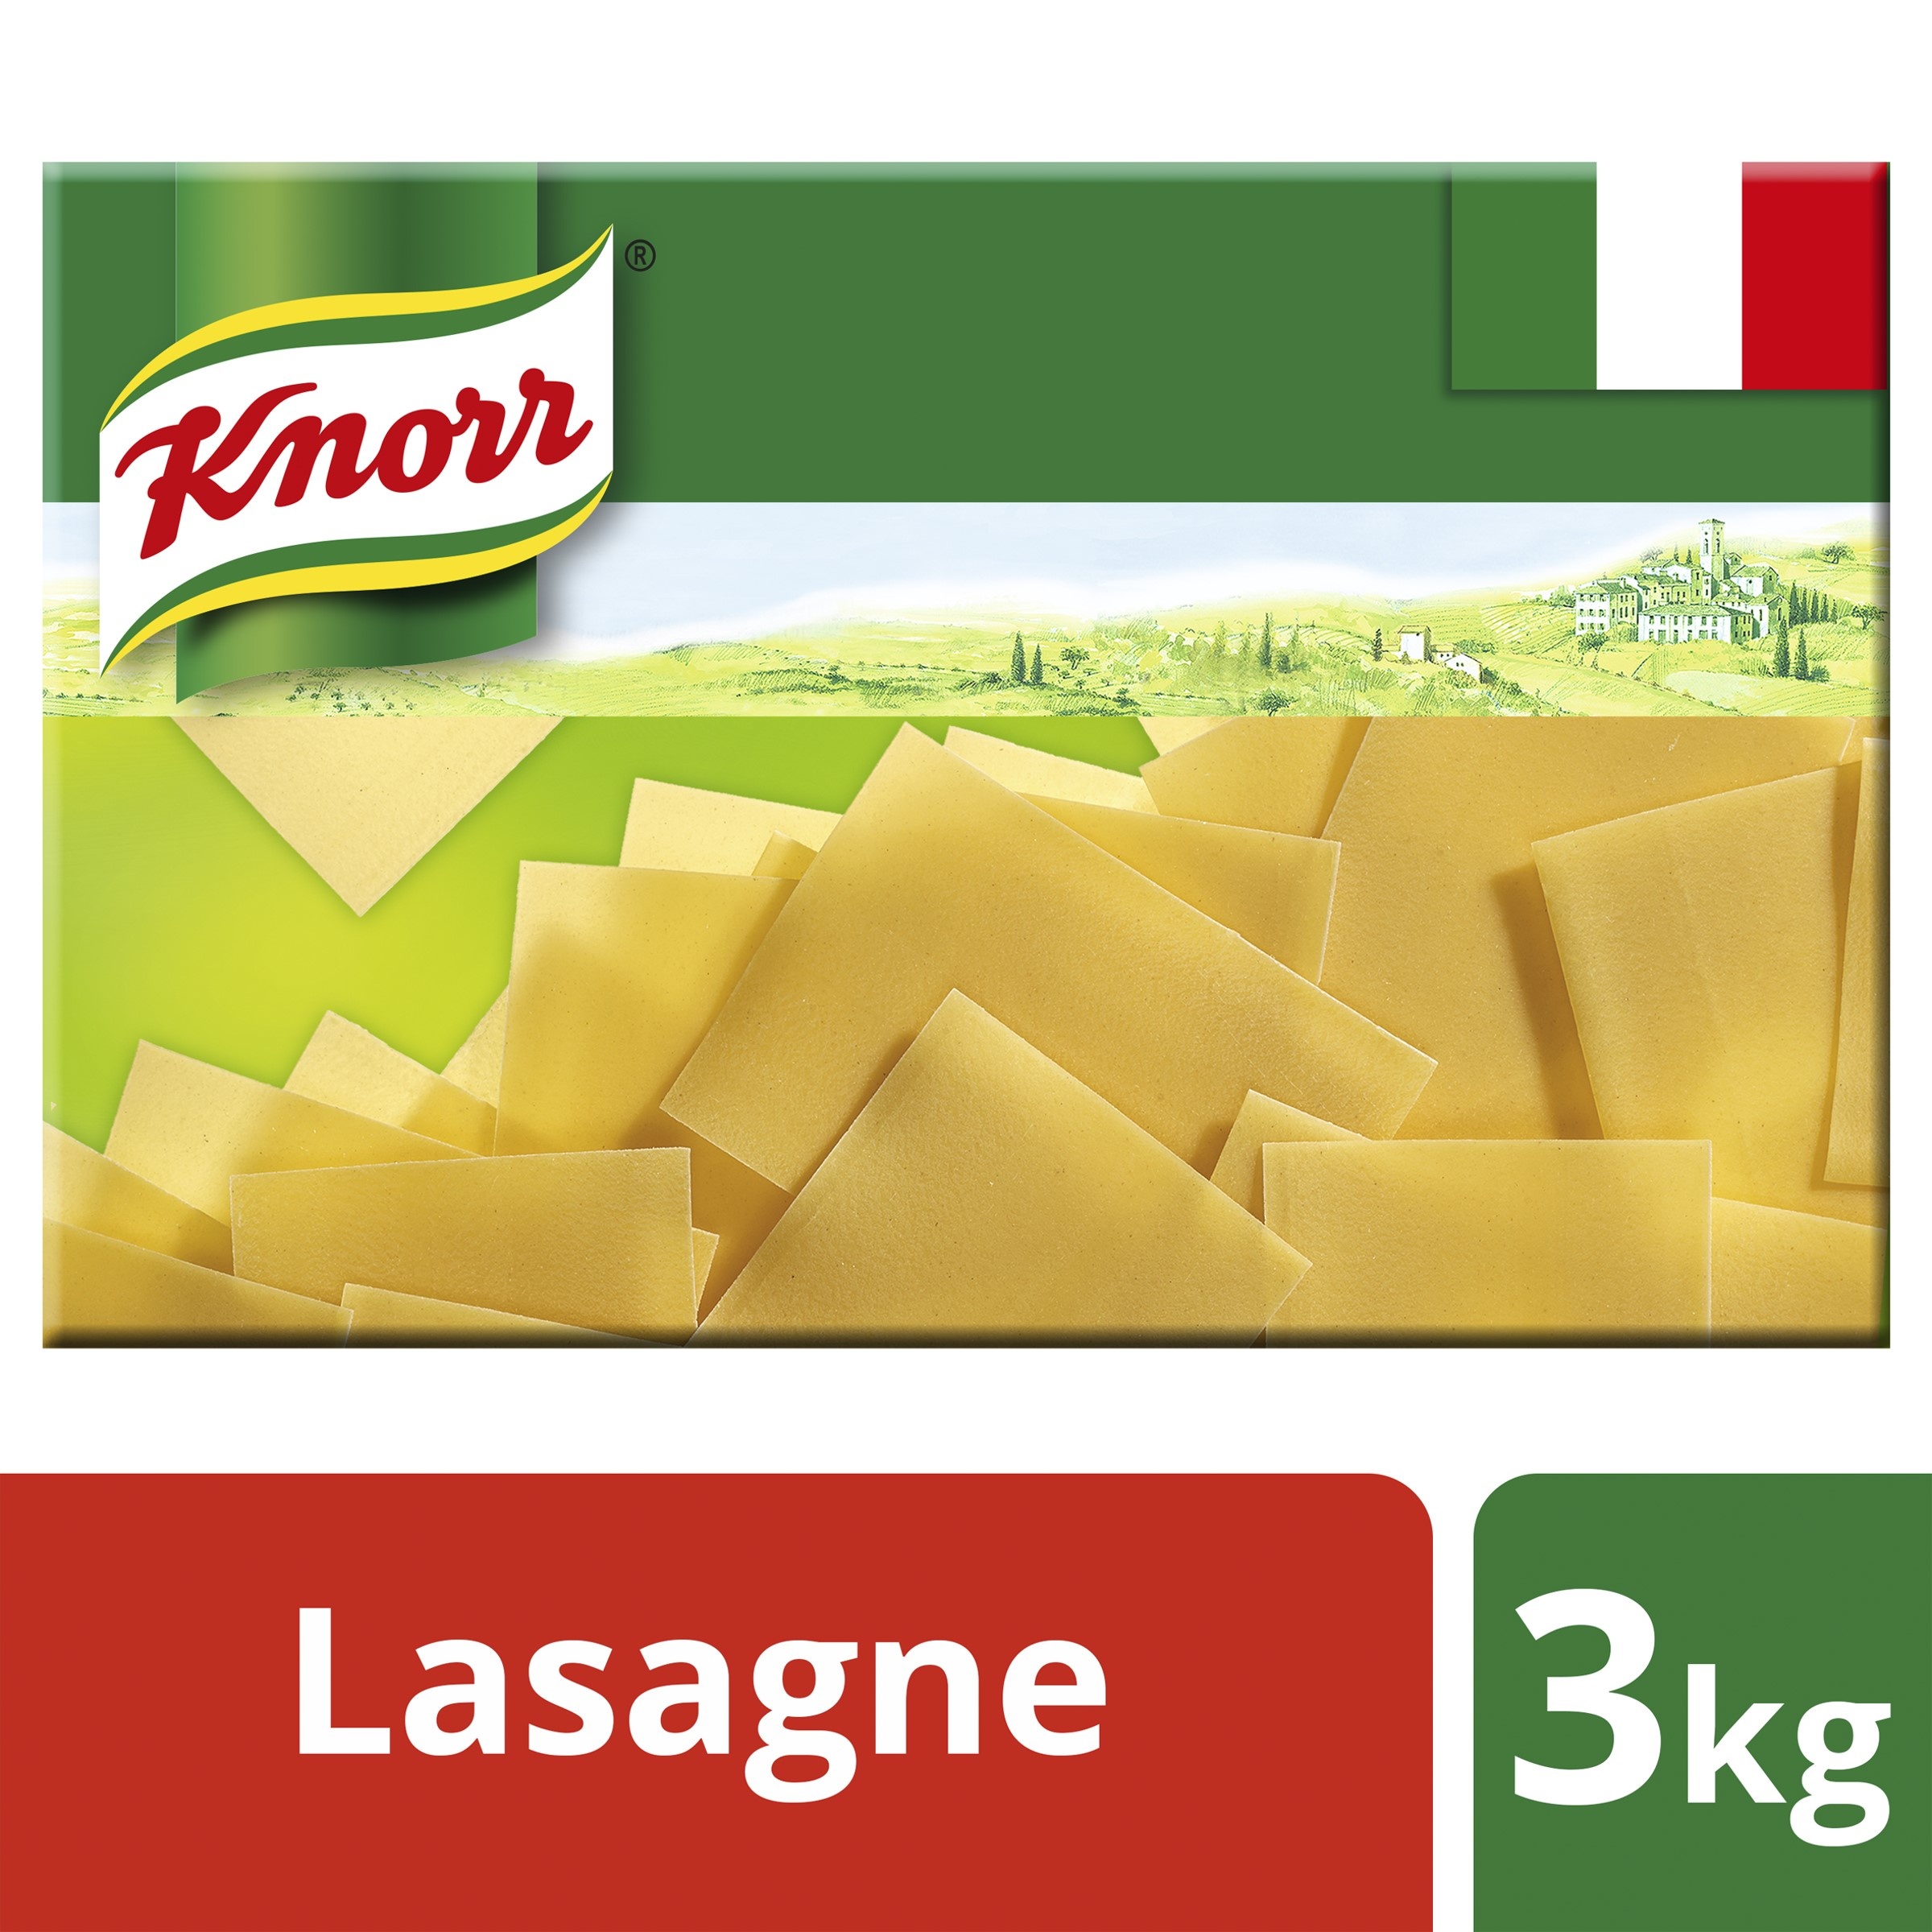 Knorr Lasagne Sheets 3kg